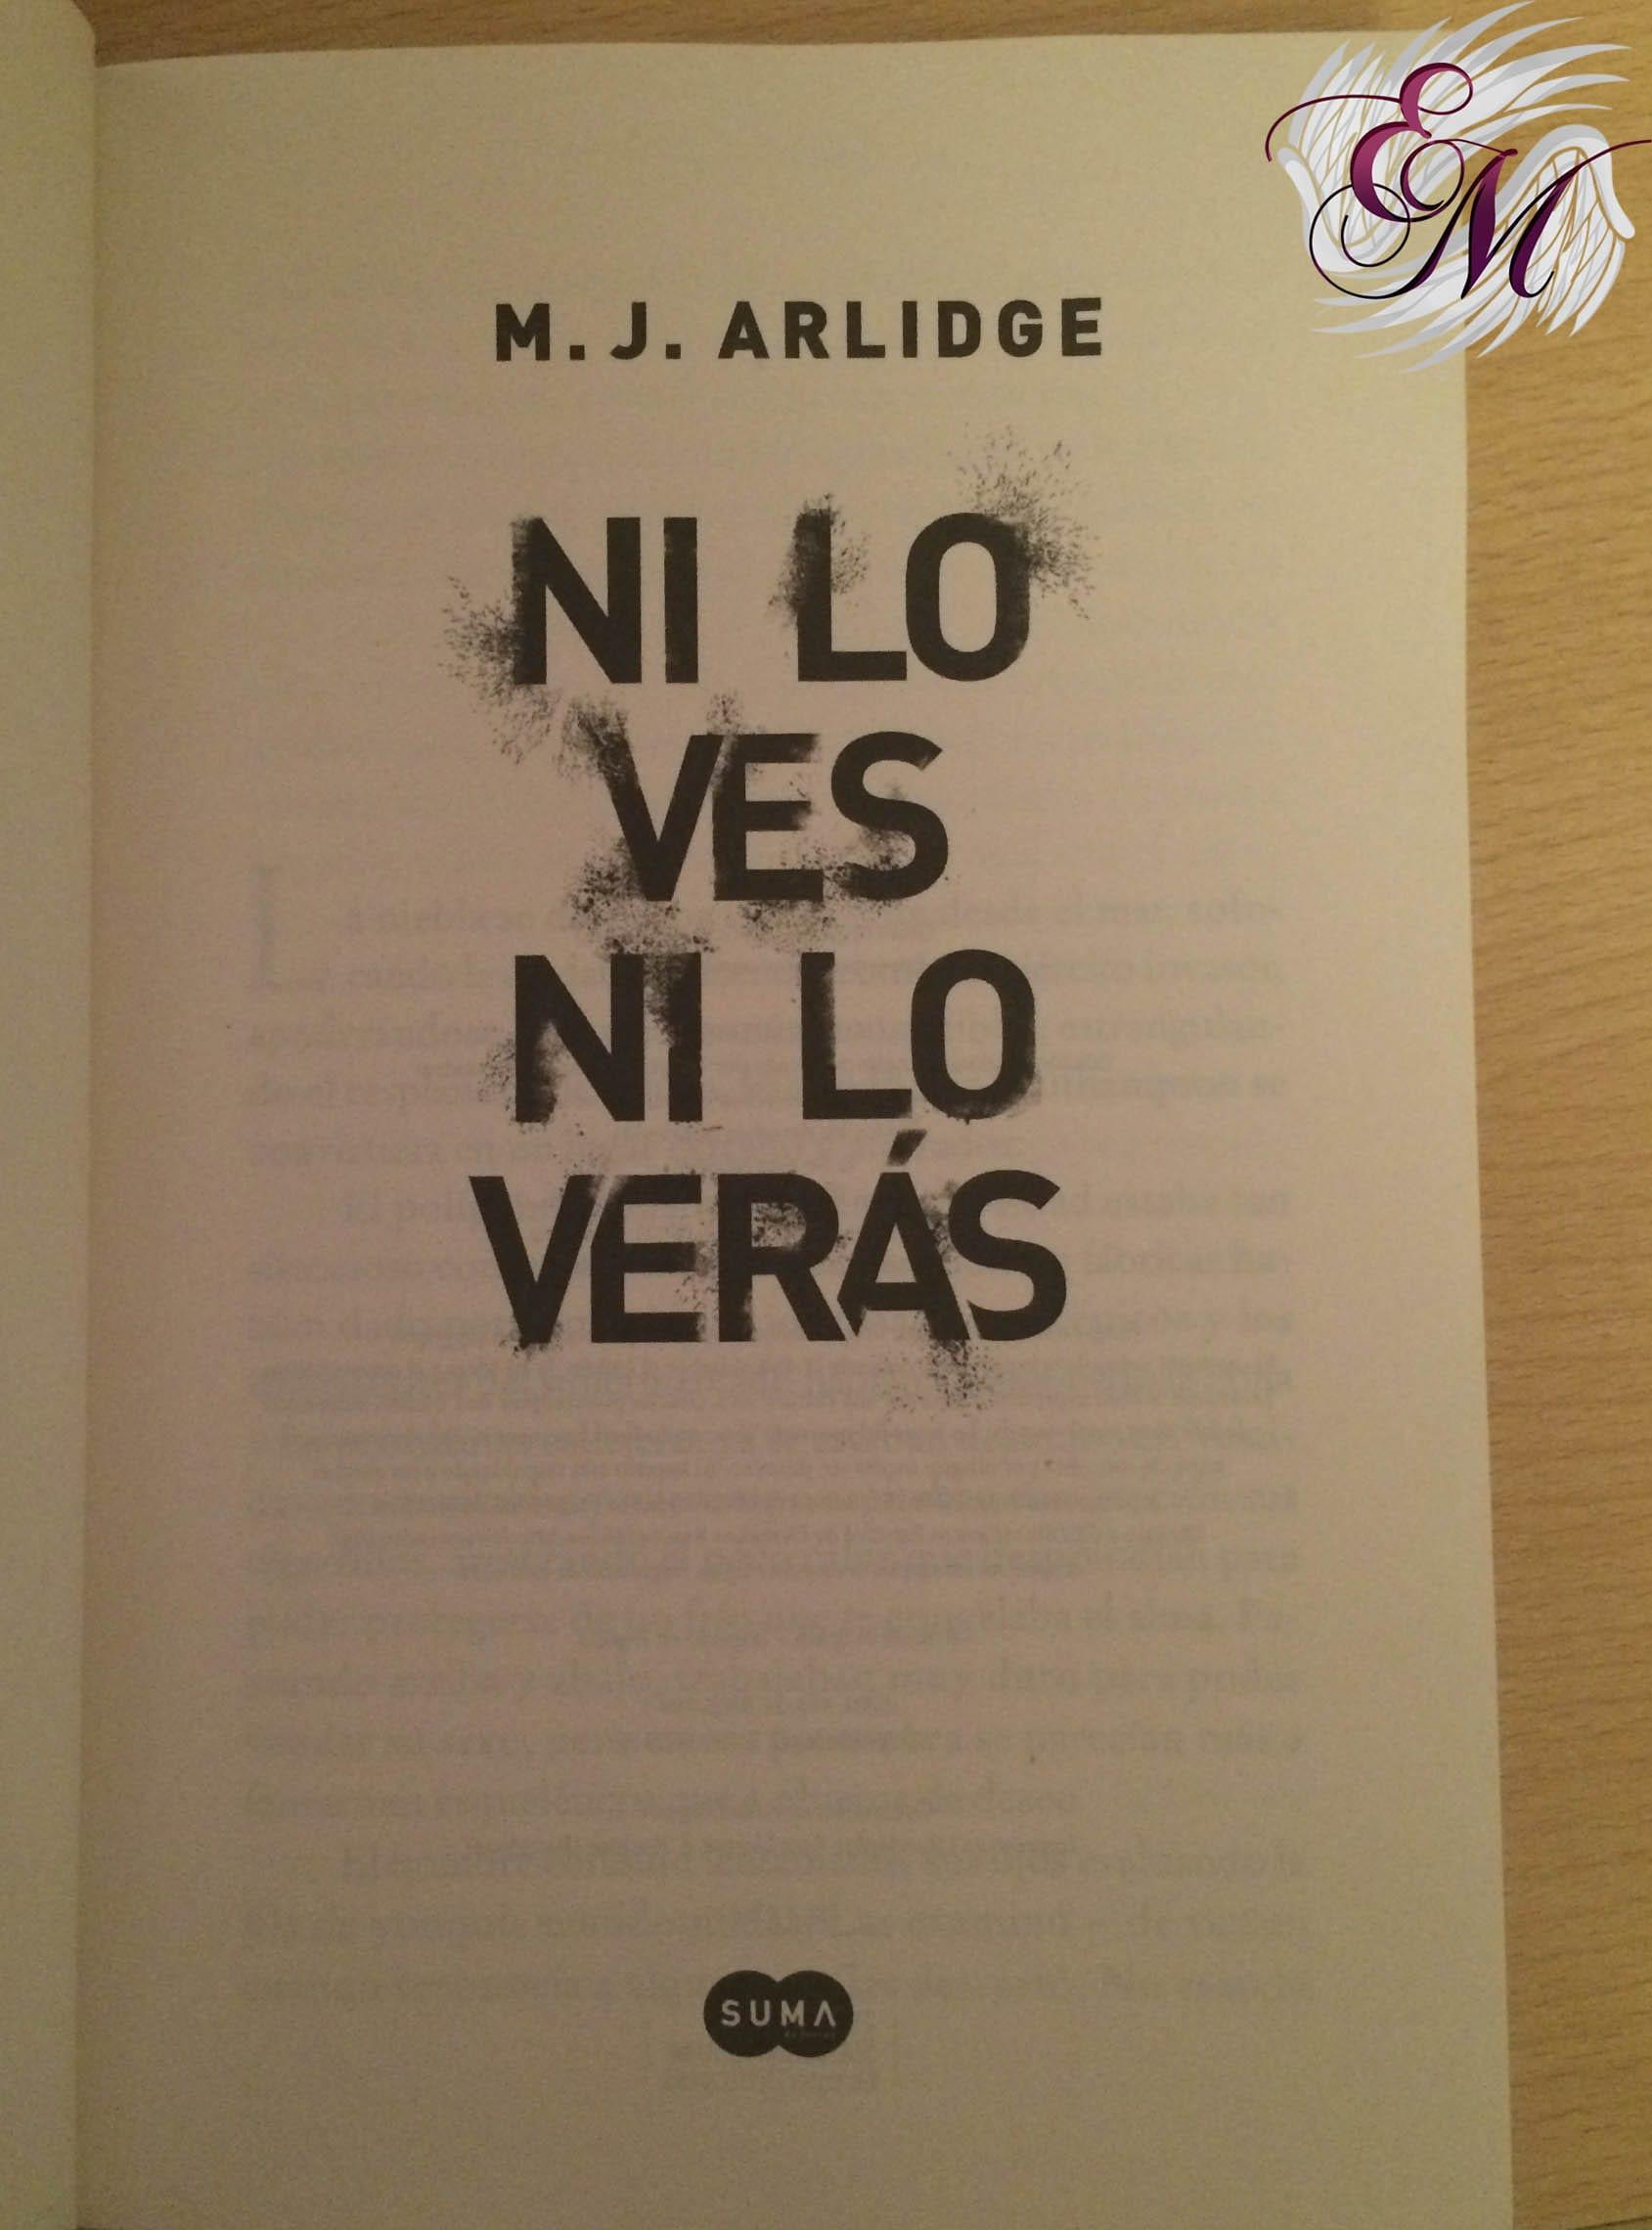 Ni lo ves ni lo verás, de M. J. Arlidge - Reseña